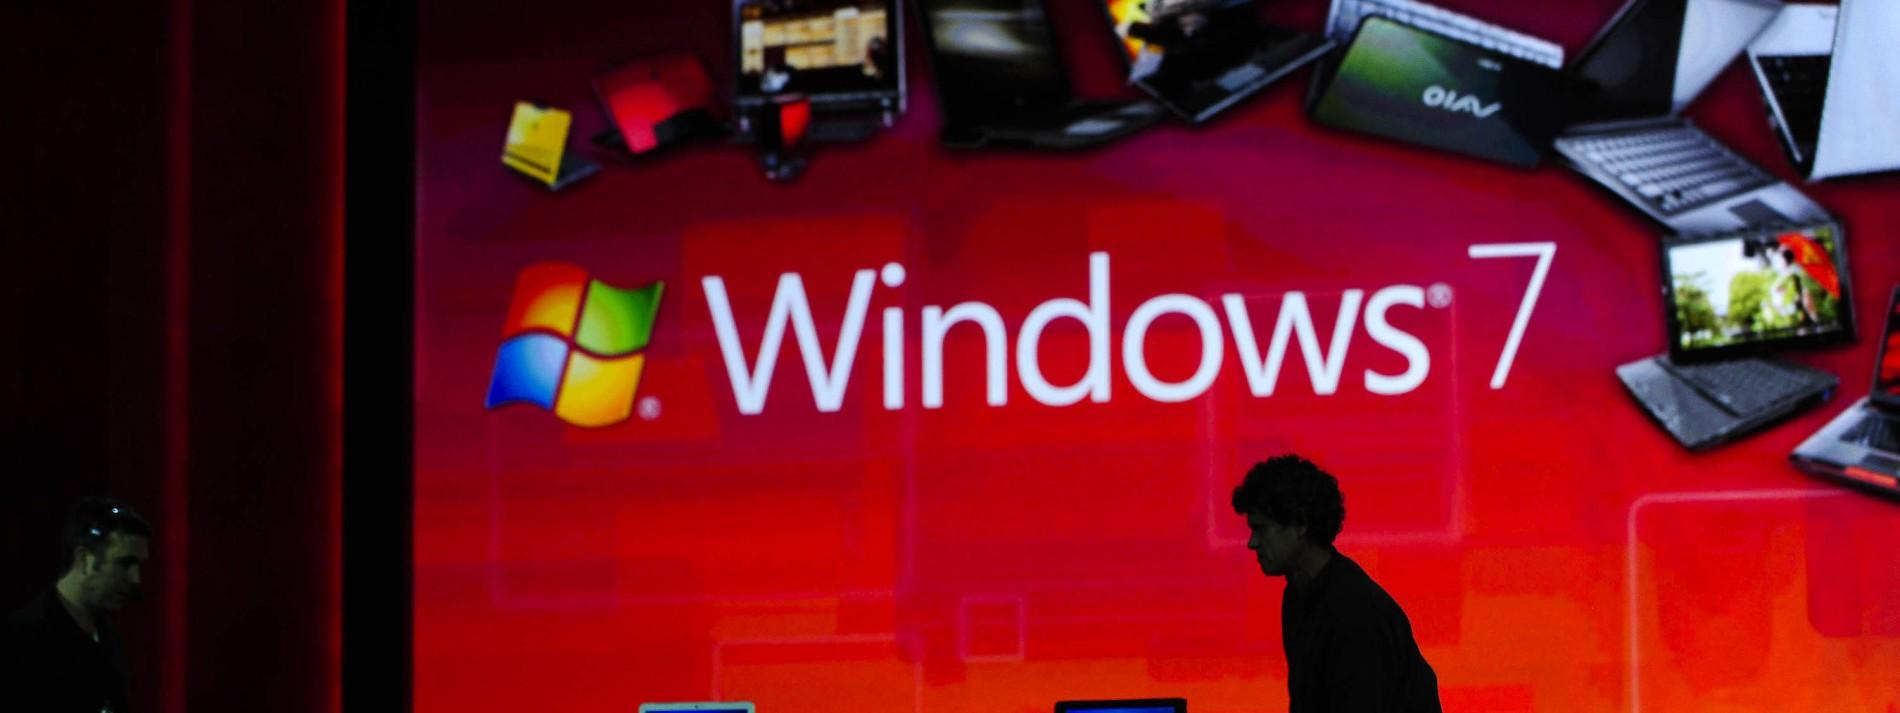 Millionen Computer laufen immer noch mit Windows 7